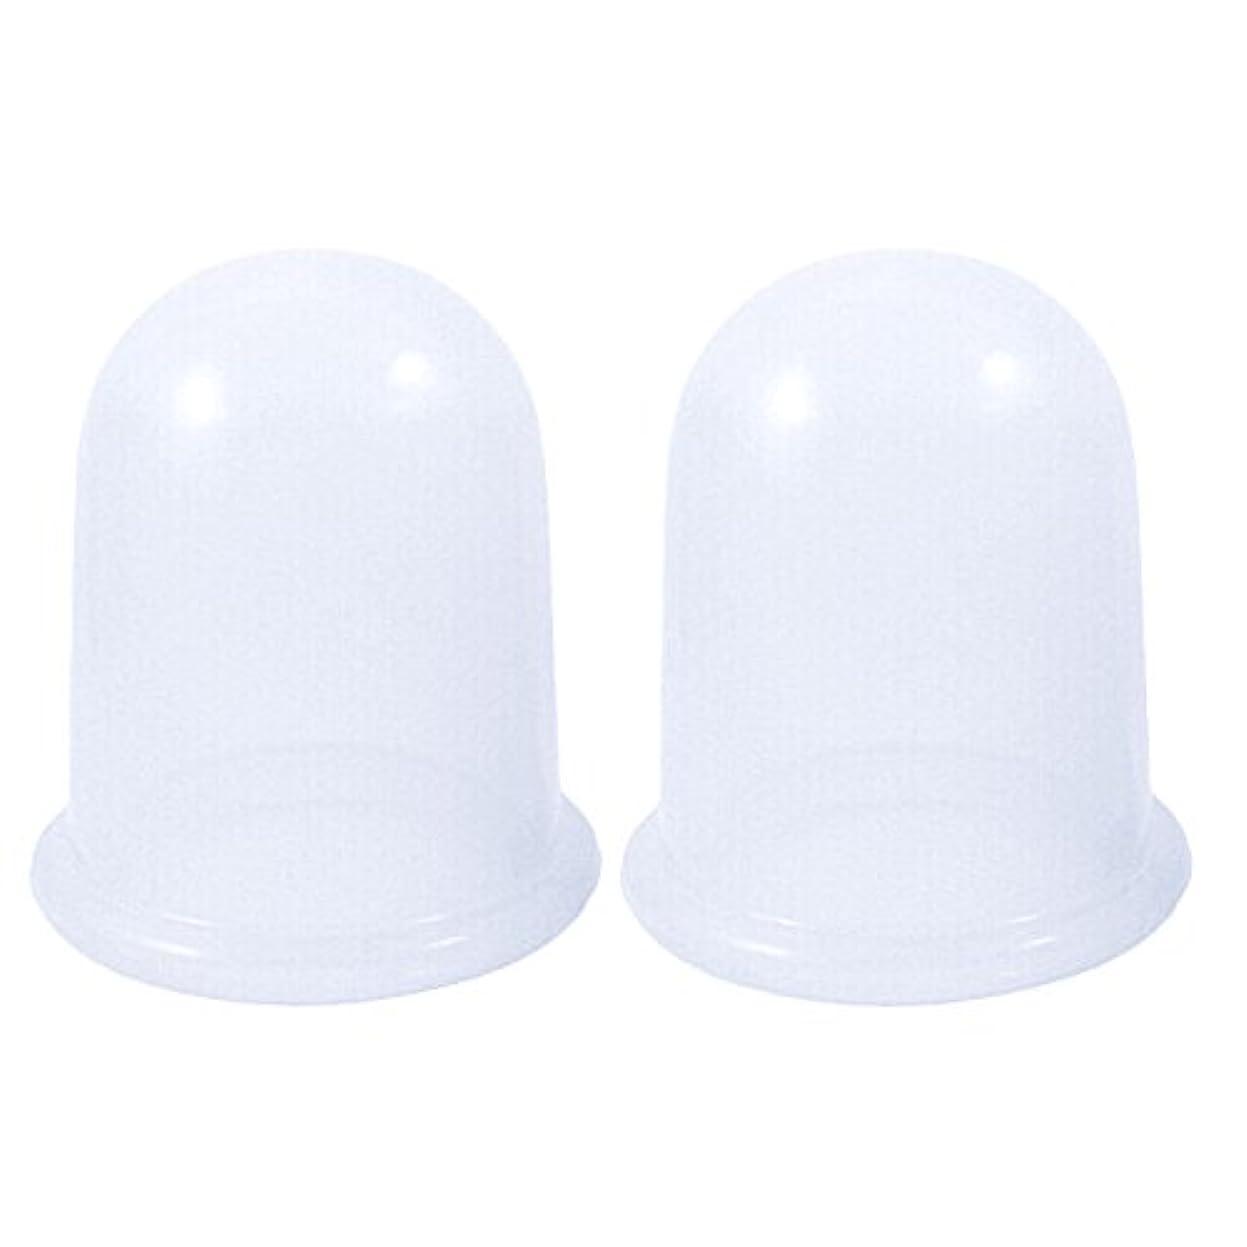 結晶形状難民B-PING シリコンカッピング 吸い玉 2点セット いつでも清潔に使用可能 デトックス ダイエット 腰痛 肩こり ツボ押し マッサージ 脂肪吸引 血流促進 自宅エステ 吸引エステ  (透明)